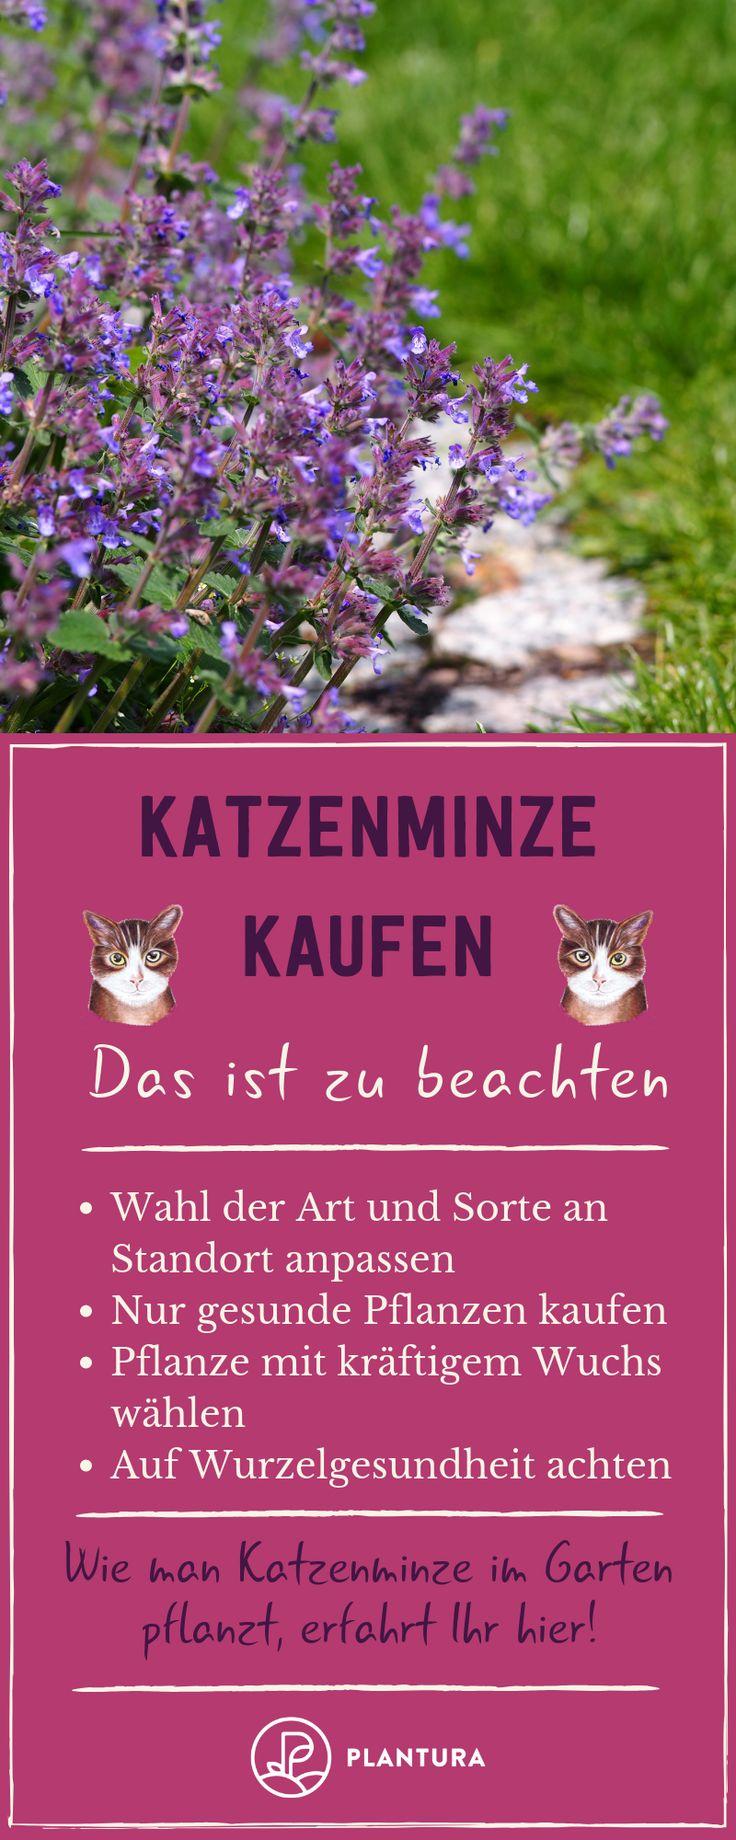 Katzenminze Kaufen Das Ist Zu Beachten Damit Euer Stubentiger Auch Von Der Pflanze Profitiert Haben Wir Hier Ein Paar N Catnip Catnip Plant Recycled Garden